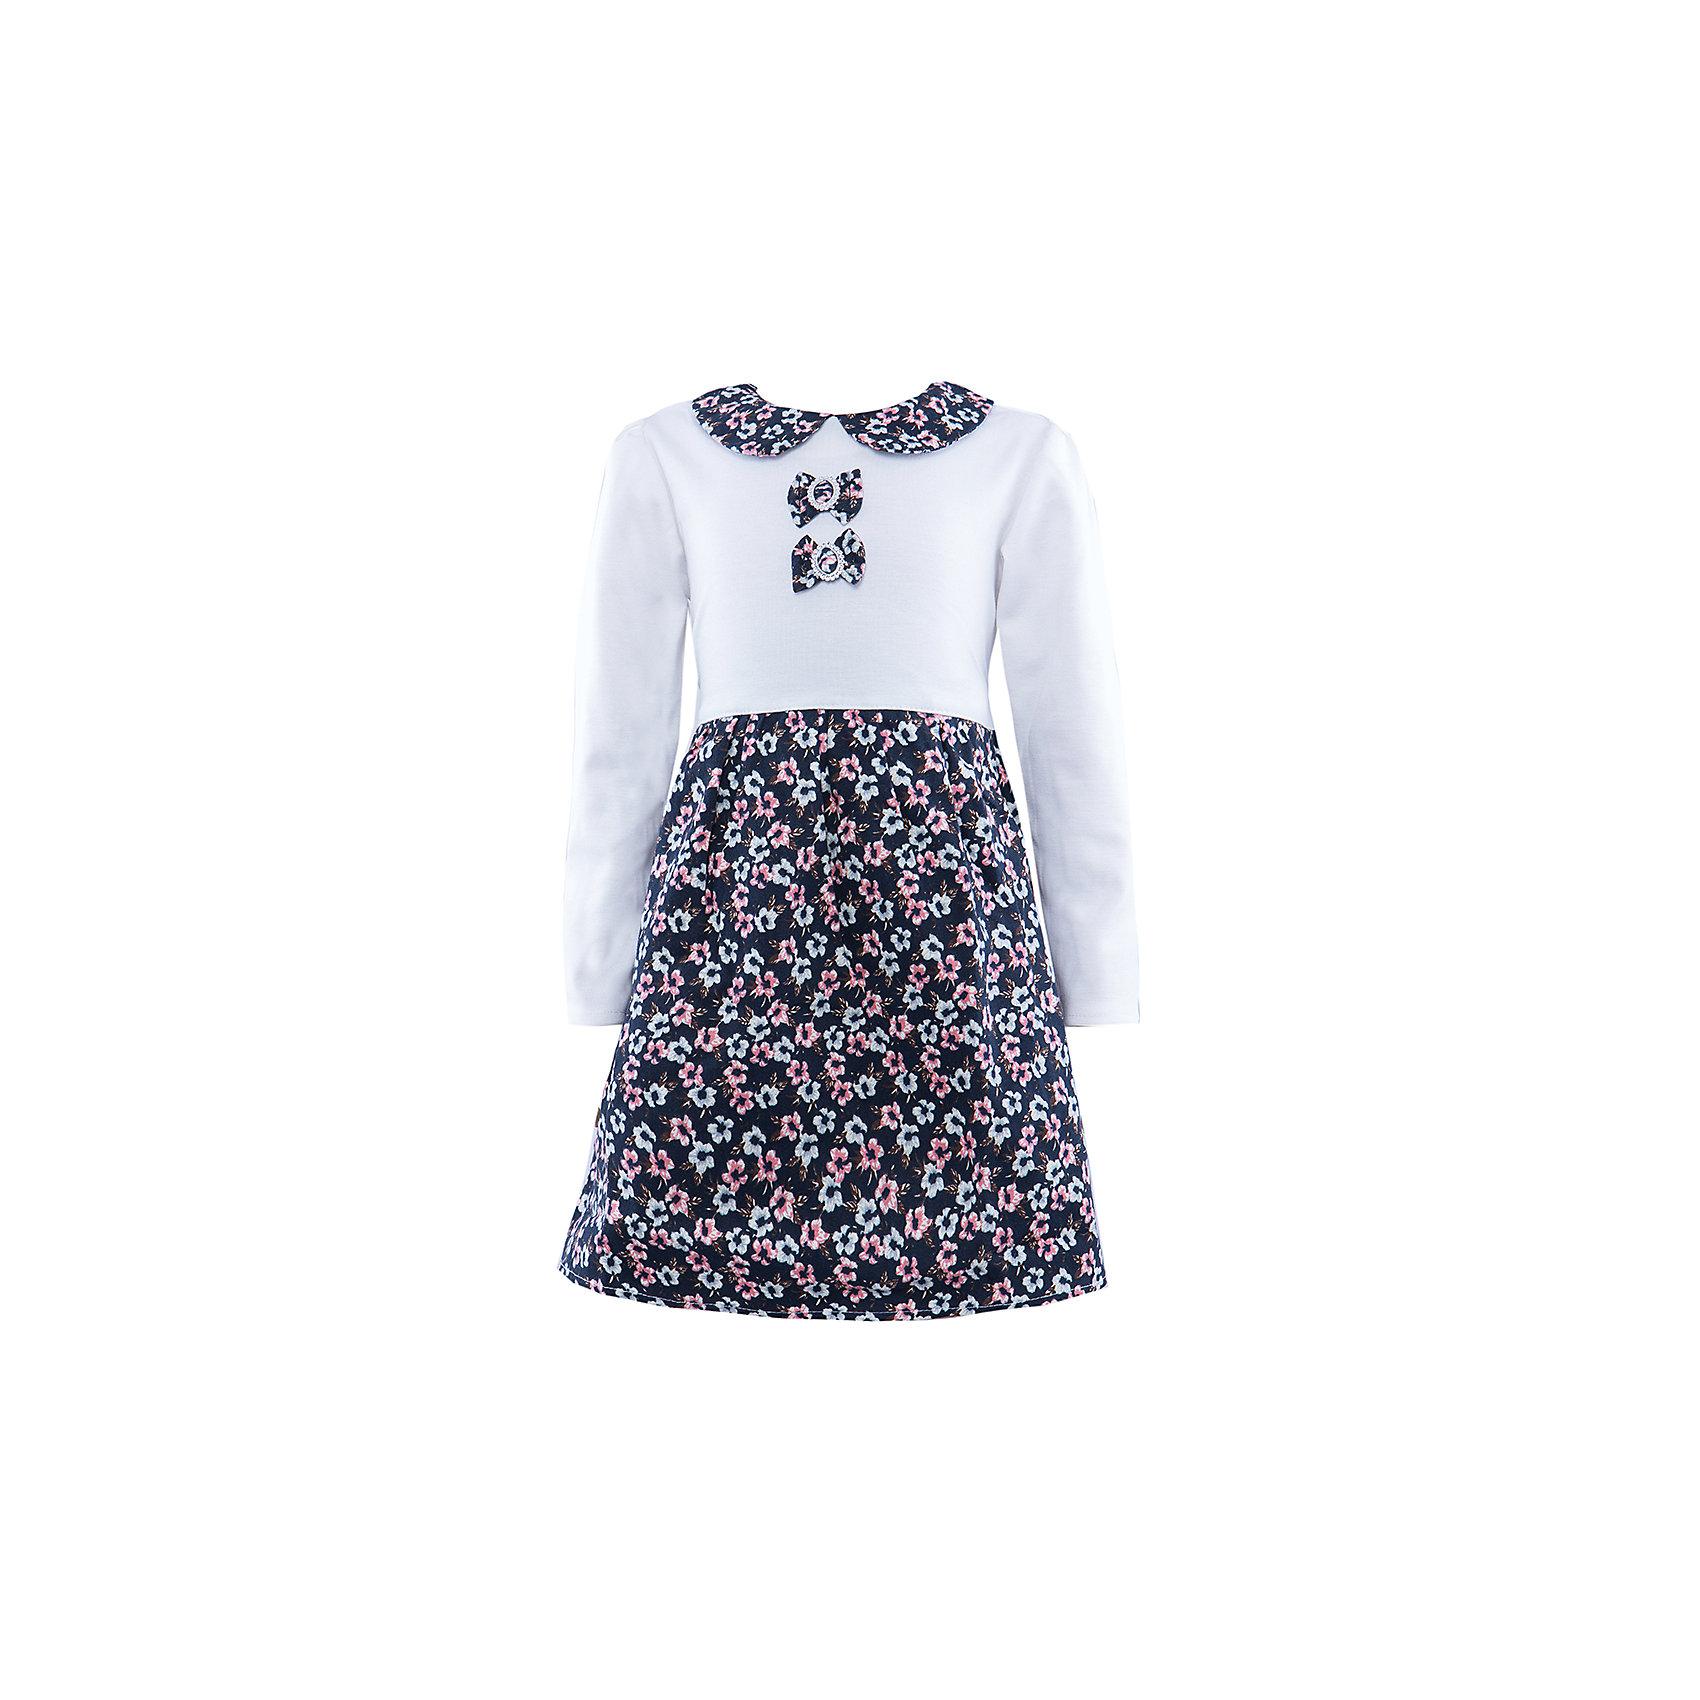 Платье ВенераОдежда<br>Платье для девочки с длинным рукавом. Изделие декорировано двумя бантиками-брошью. Боротник платья в одной цветовой гамме с юбкой платья. На спинке молния, так же есть пояс для регулирования ширины.<br><br>Ширина мм: 236<br>Глубина мм: 16<br>Высота мм: 184<br>Вес г: 177<br>Цвет: белый<br>Возраст от месяцев: 36<br>Возраст до месяцев: 48<br>Пол: Женский<br>Возраст: Детский<br>Размер: 98/104,116/122,110/116,104/110<br>SKU: 4388973